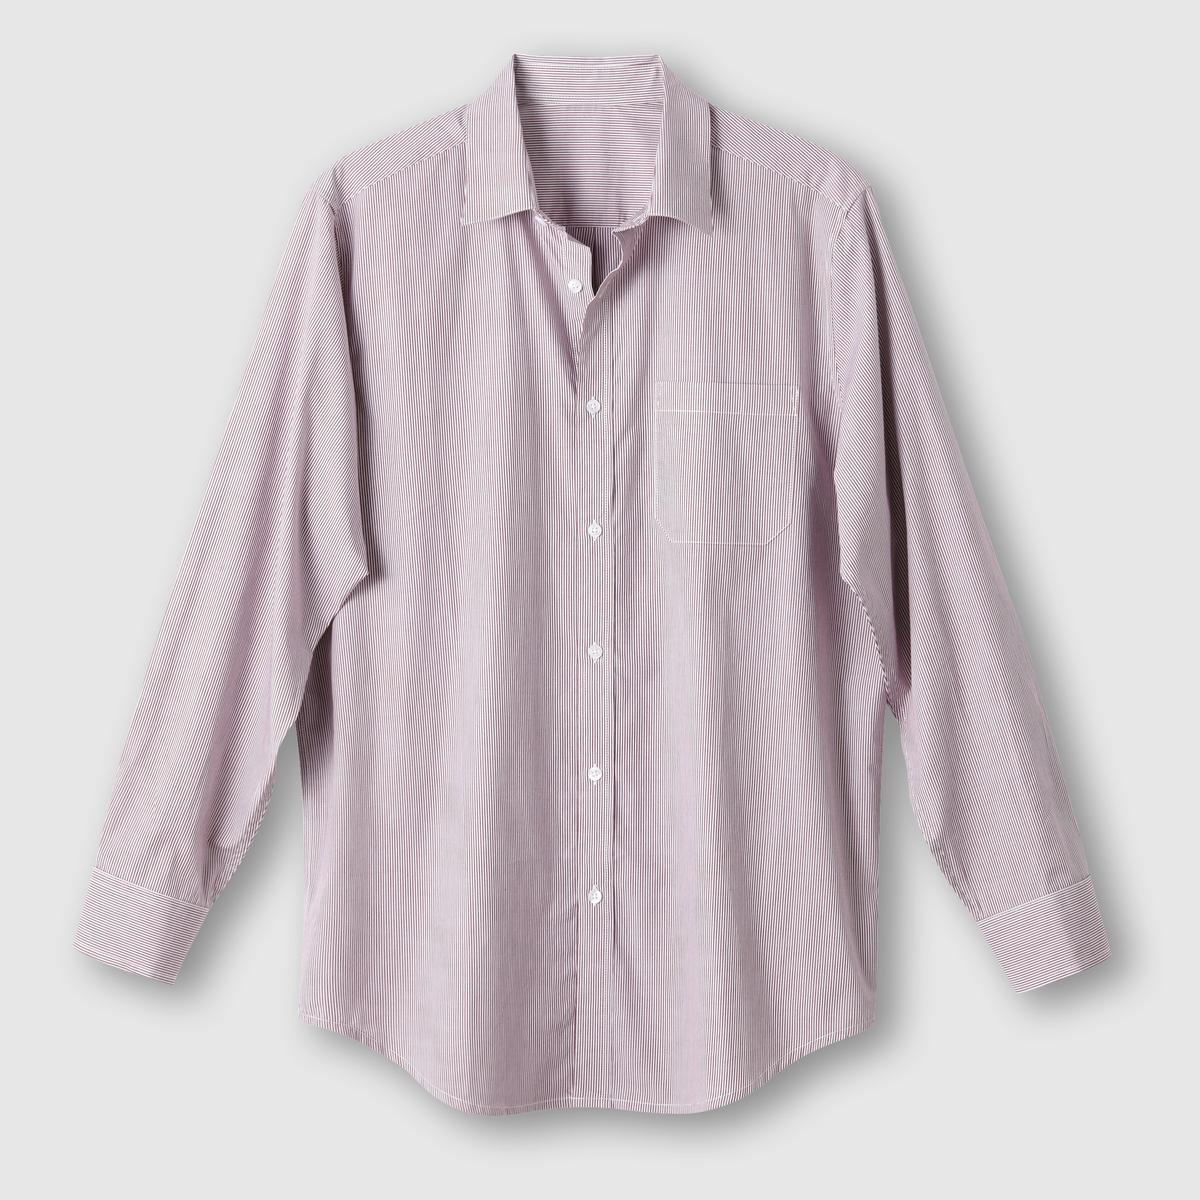 Рубашка из поплина, рост 1 (до 1,76 м)Рубашка с длинными рукавами.  Из оригинального поплина в полоску или в клетку с окрашенными волокнами. Воротник со свободными уголками. 1 нагрудный карман. Складка с вешалкой сзади. Слегка закругленный низ.Поплин, 100% хлопок. Рост 1 (при росте до 1,76 м) :  длина рубашки 83 см, длина рукава 62 см. Есть модели на рост 2 и 3.<br><br>Цвет: в клетку серый/синий,в полоску бордовый/белый<br>Размер: 53/54